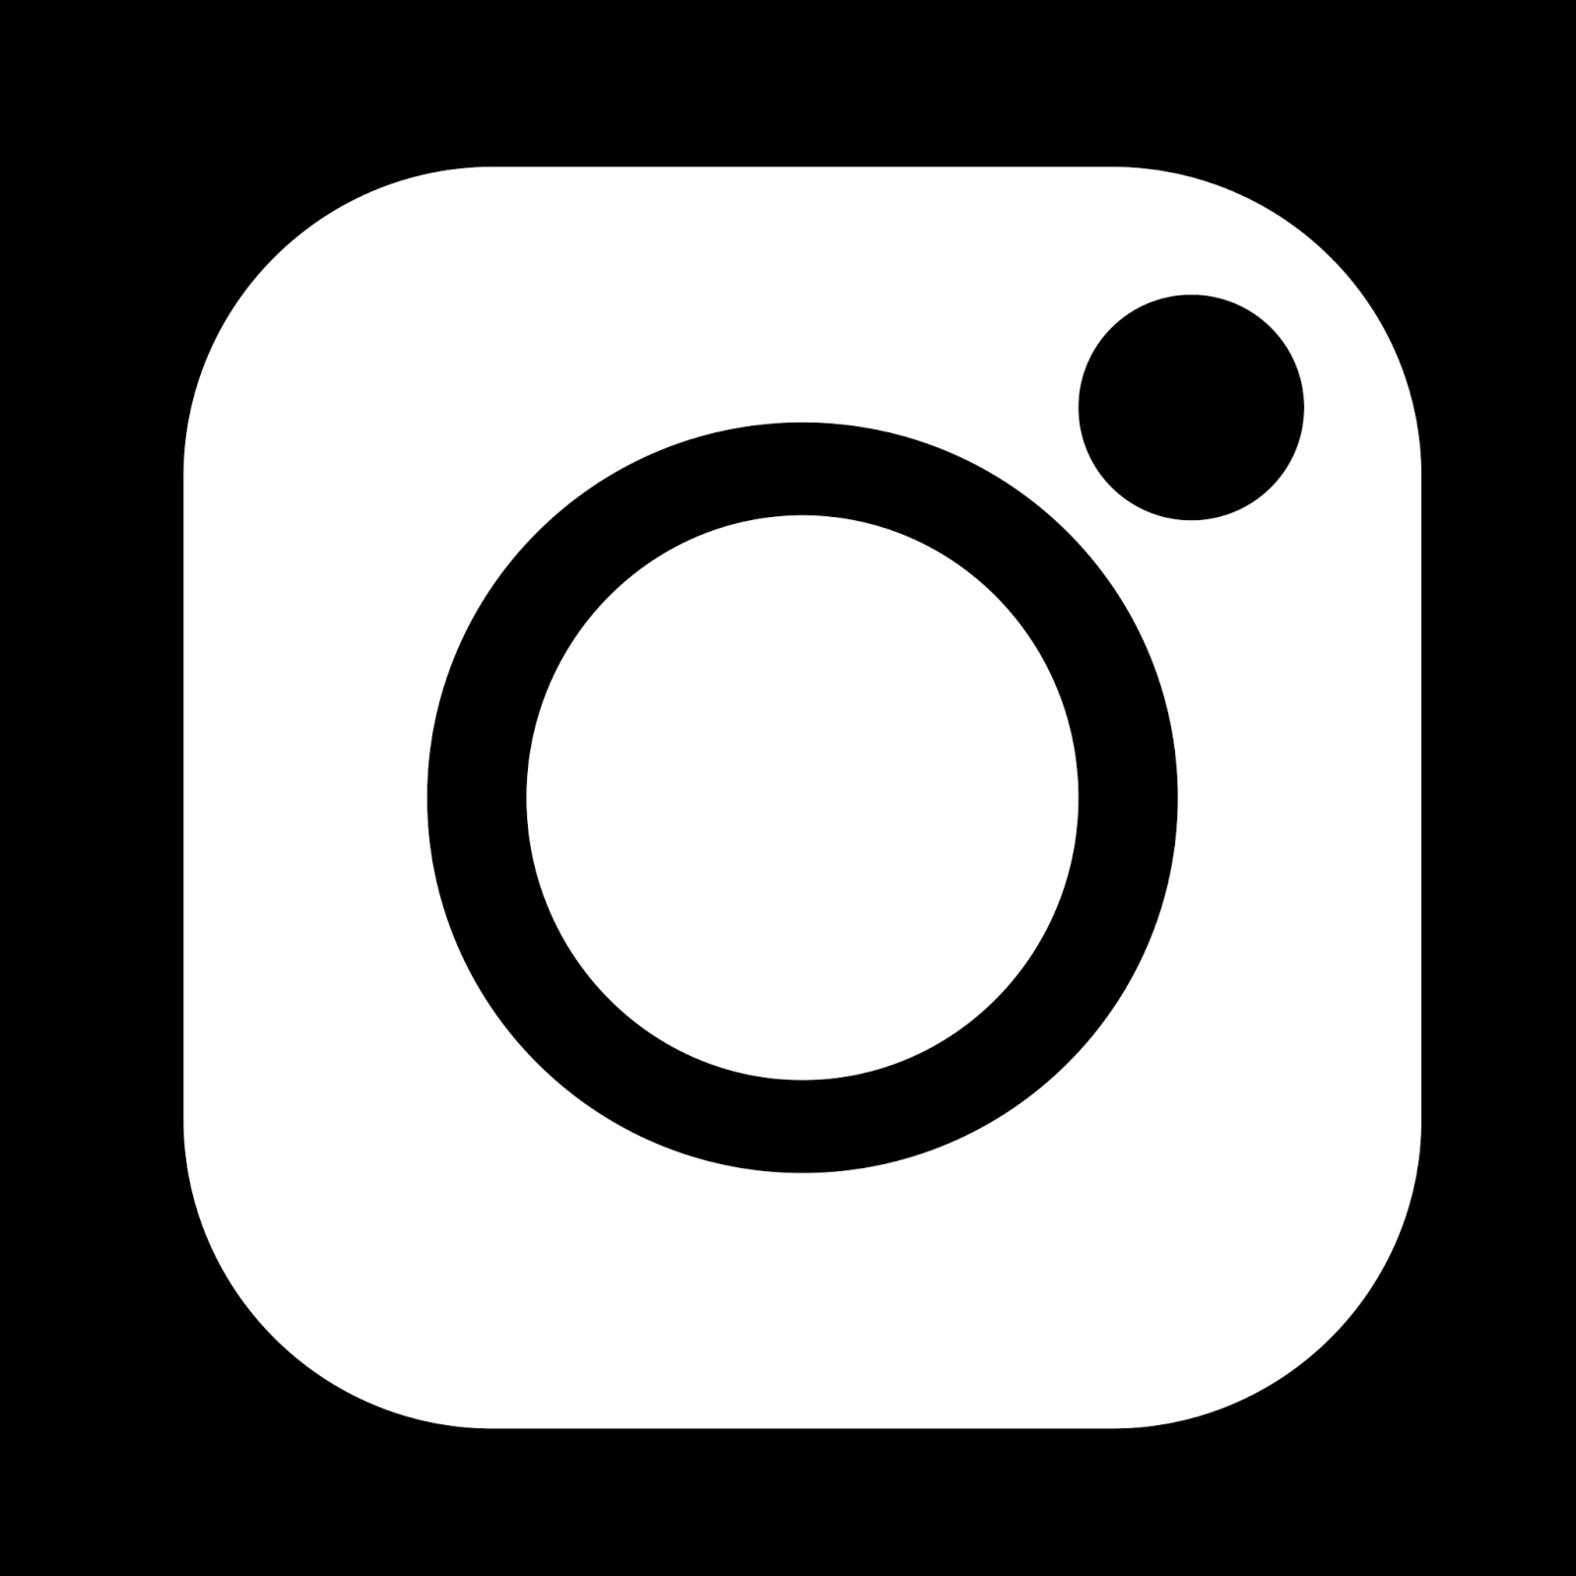 NEW INSTAGRAM LOGO BLACK AND WHITE PNG 2019 · eDigital.